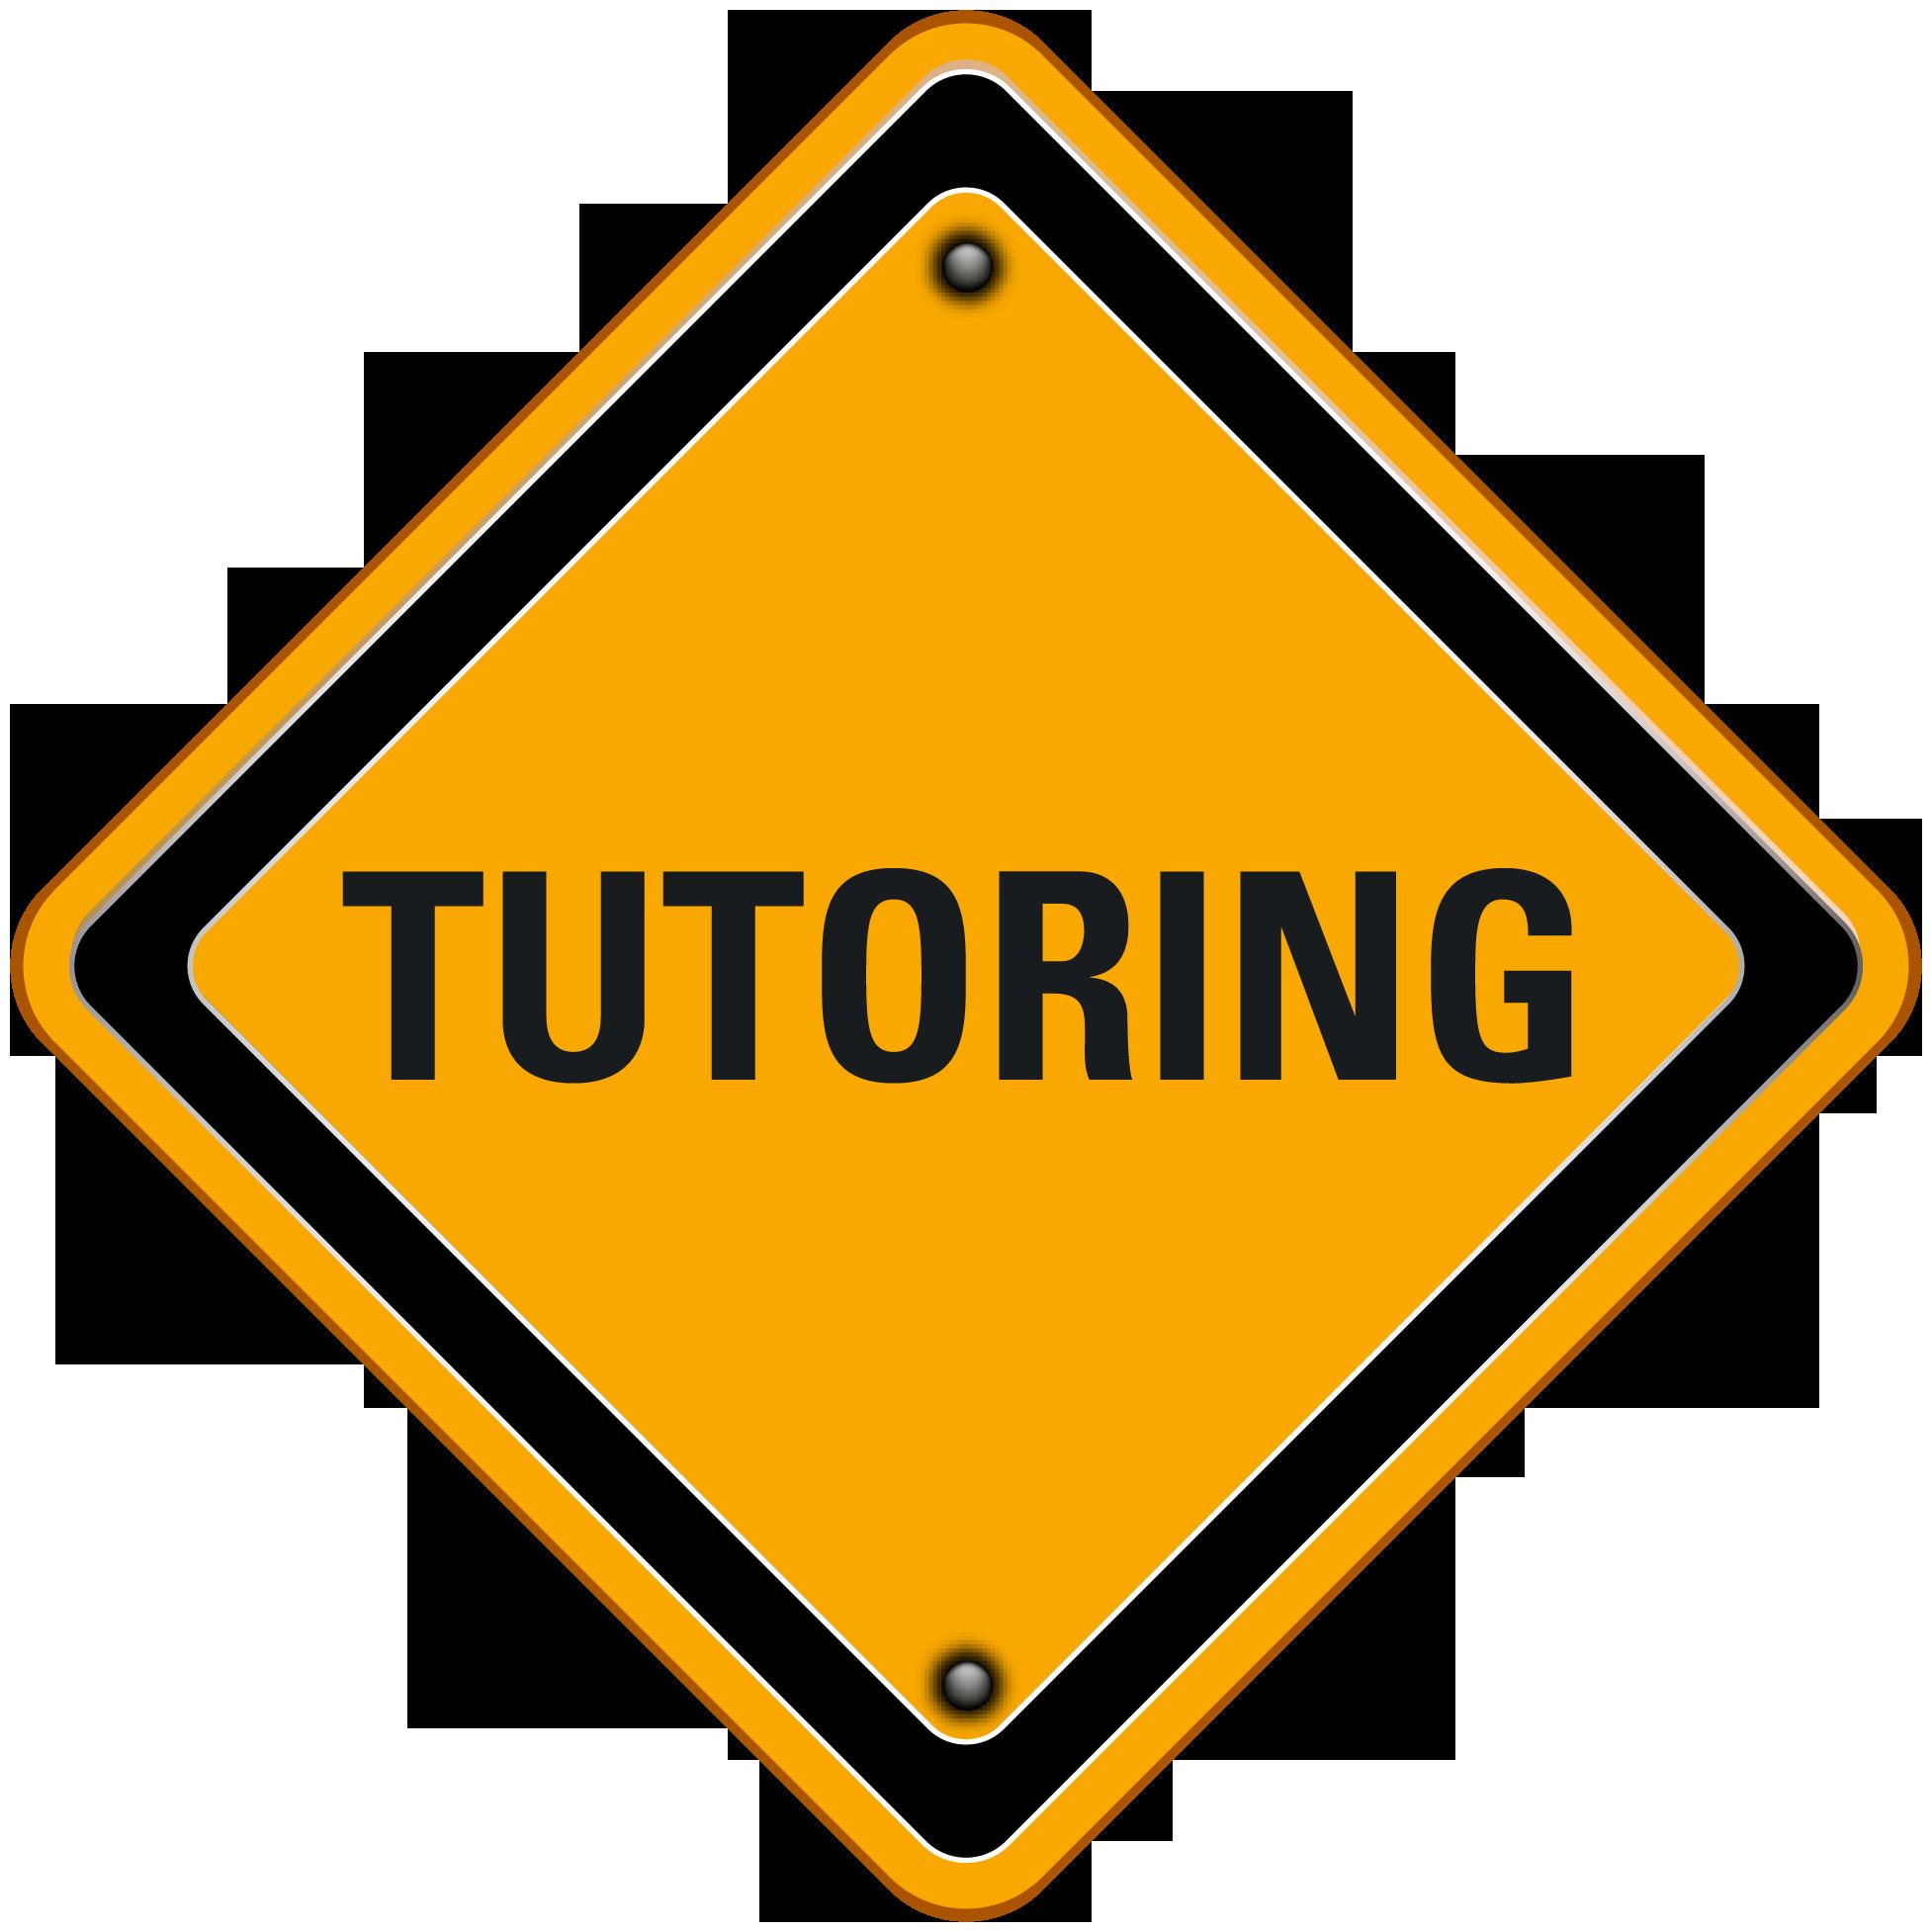 tutoring clip art